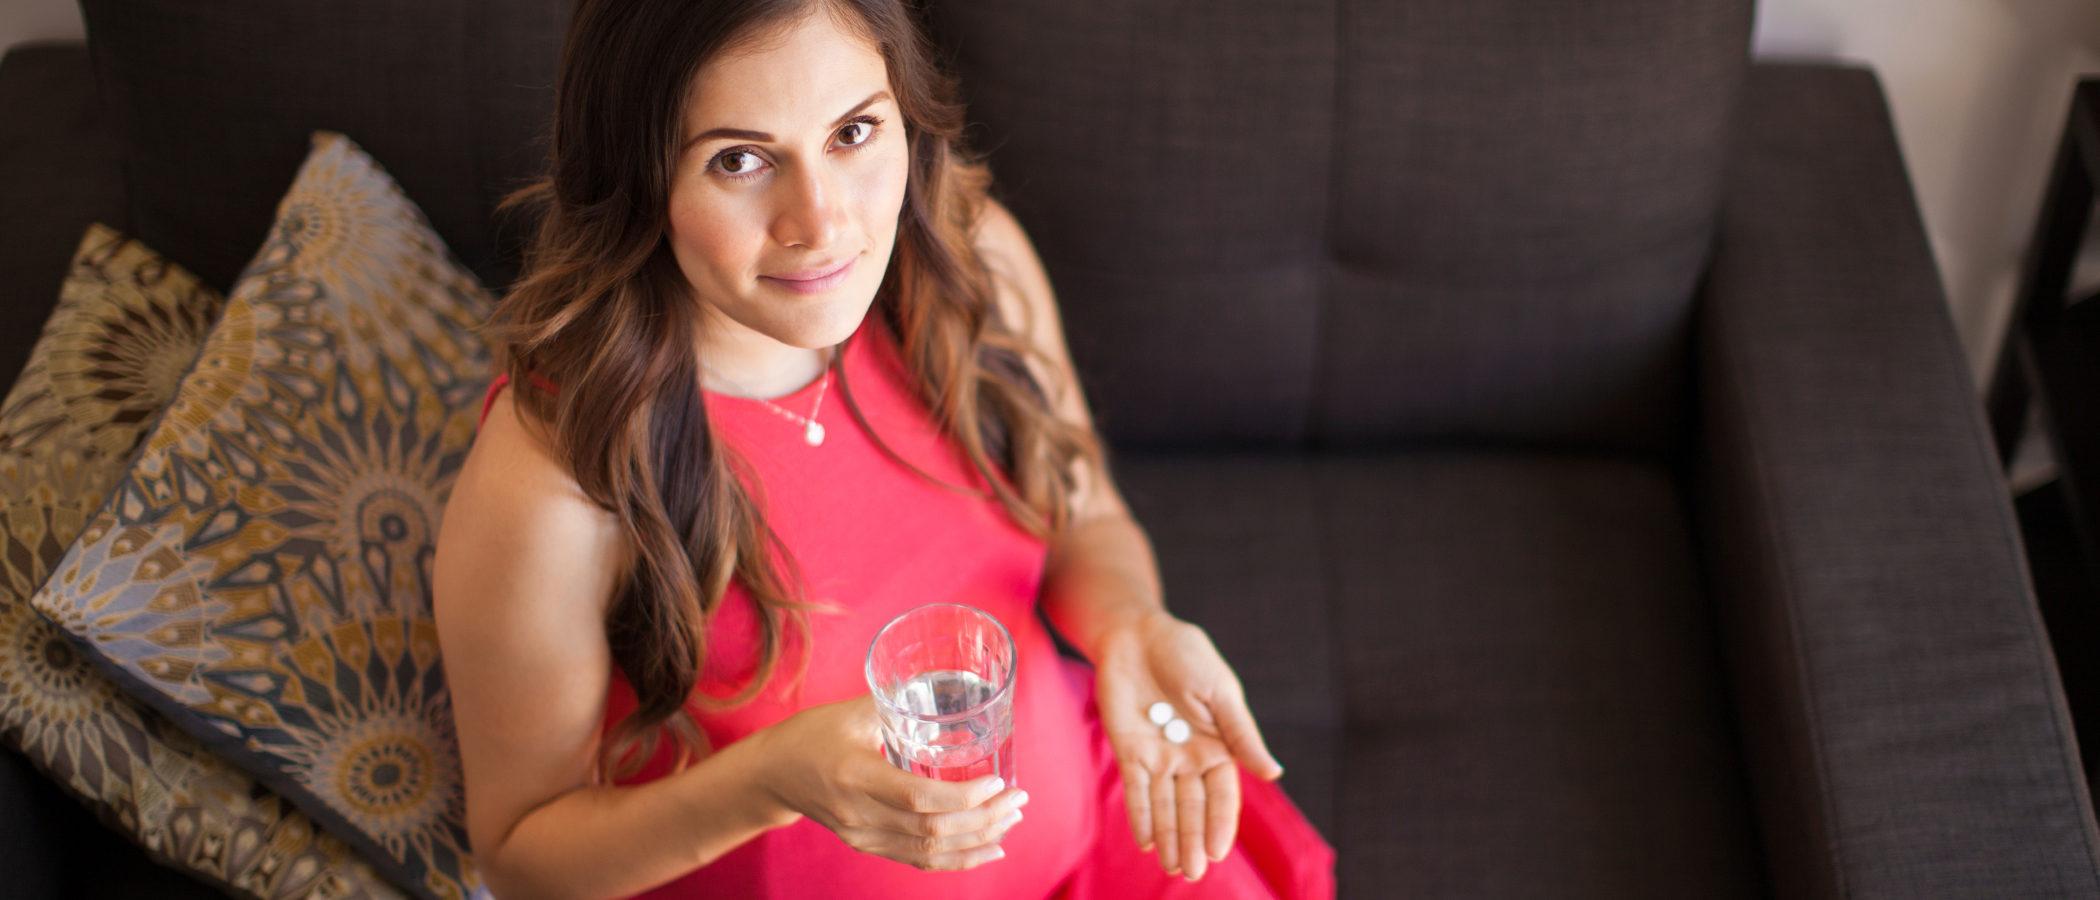 Aspirina y embarazo, ¿incompatibles o recomendado?